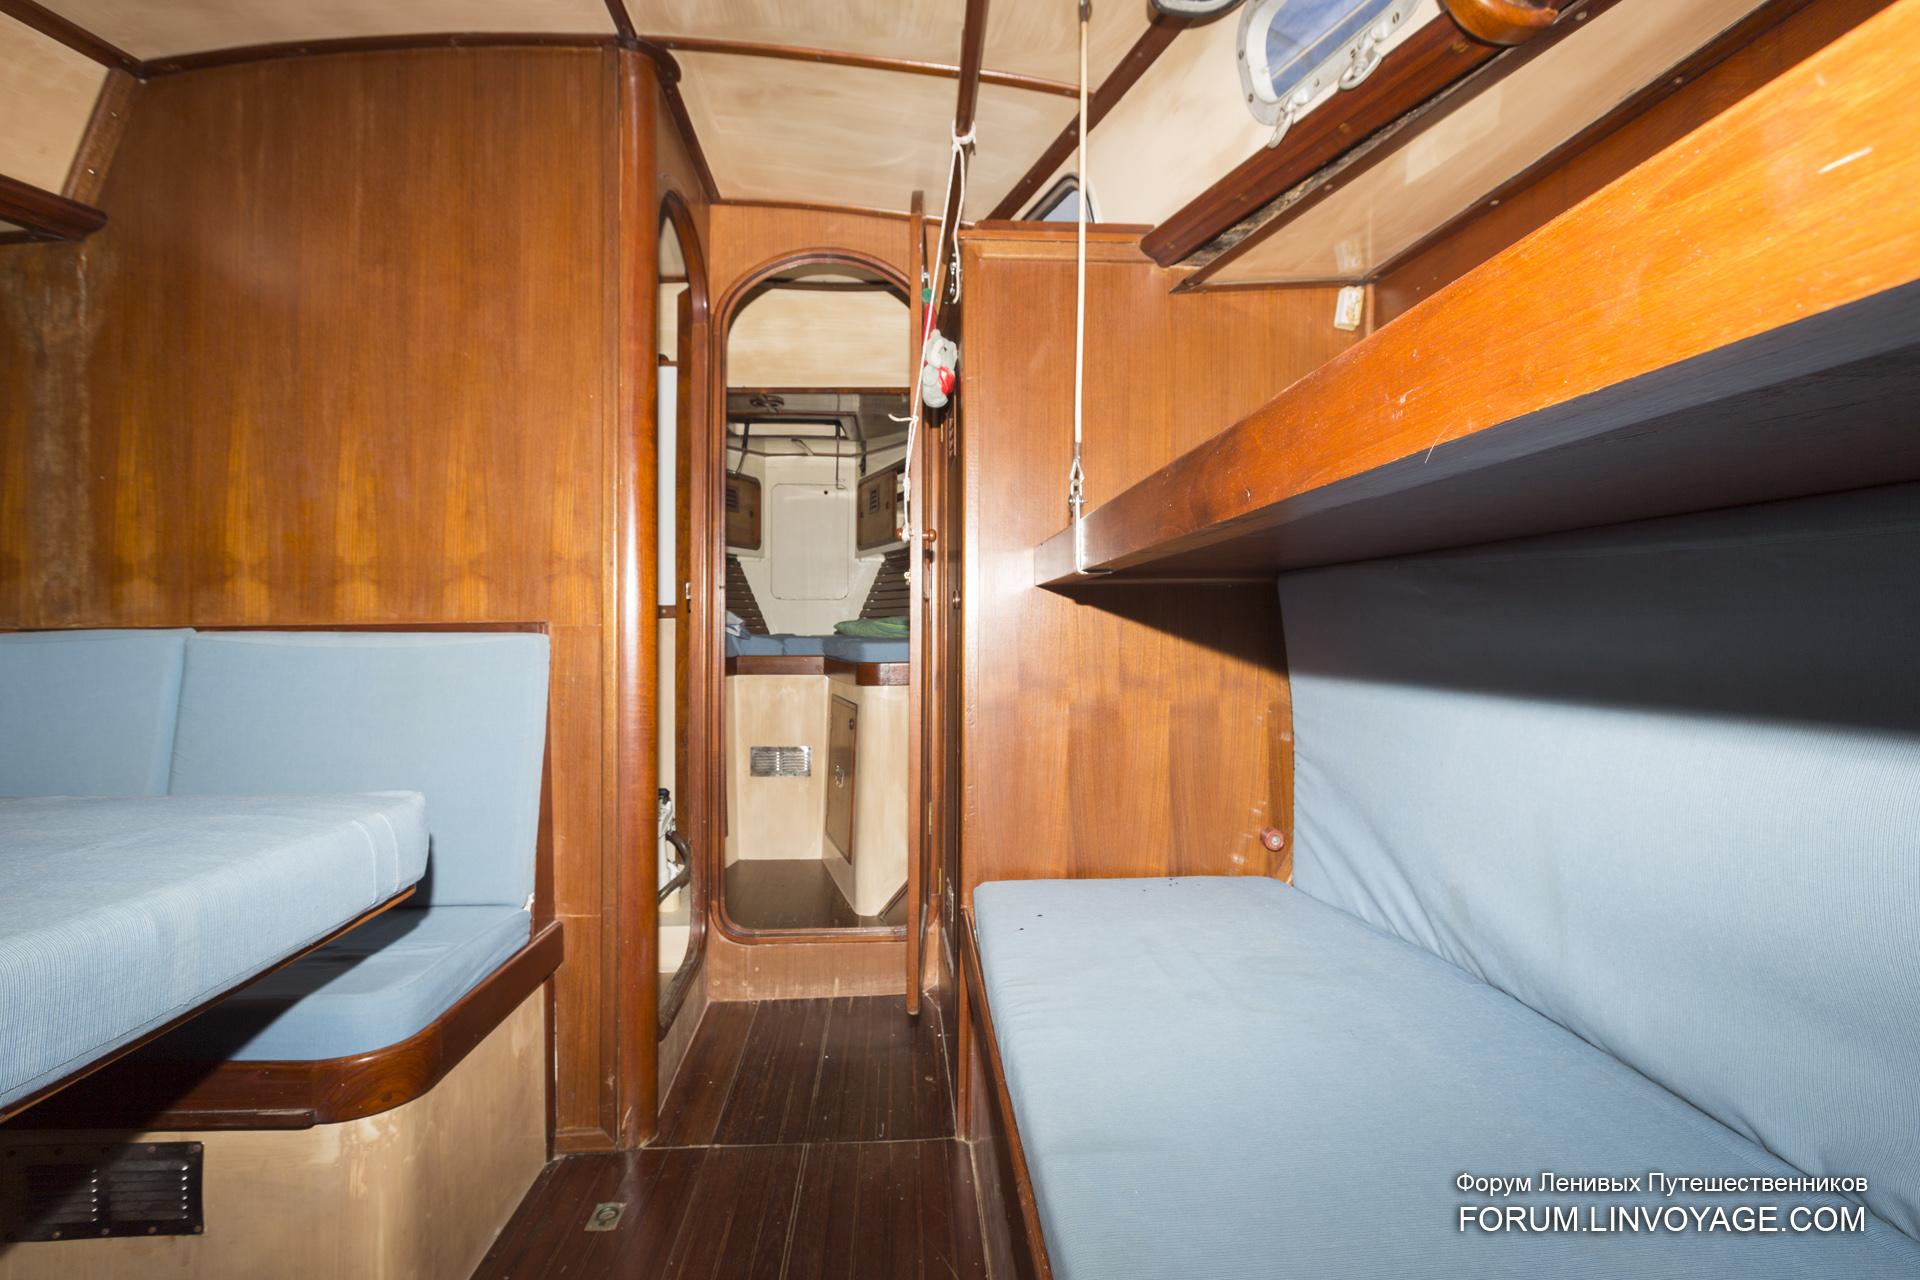 Innenarchitektur Yacht hintergrundbilder boot zimmer fahrzeug malaysia yacht